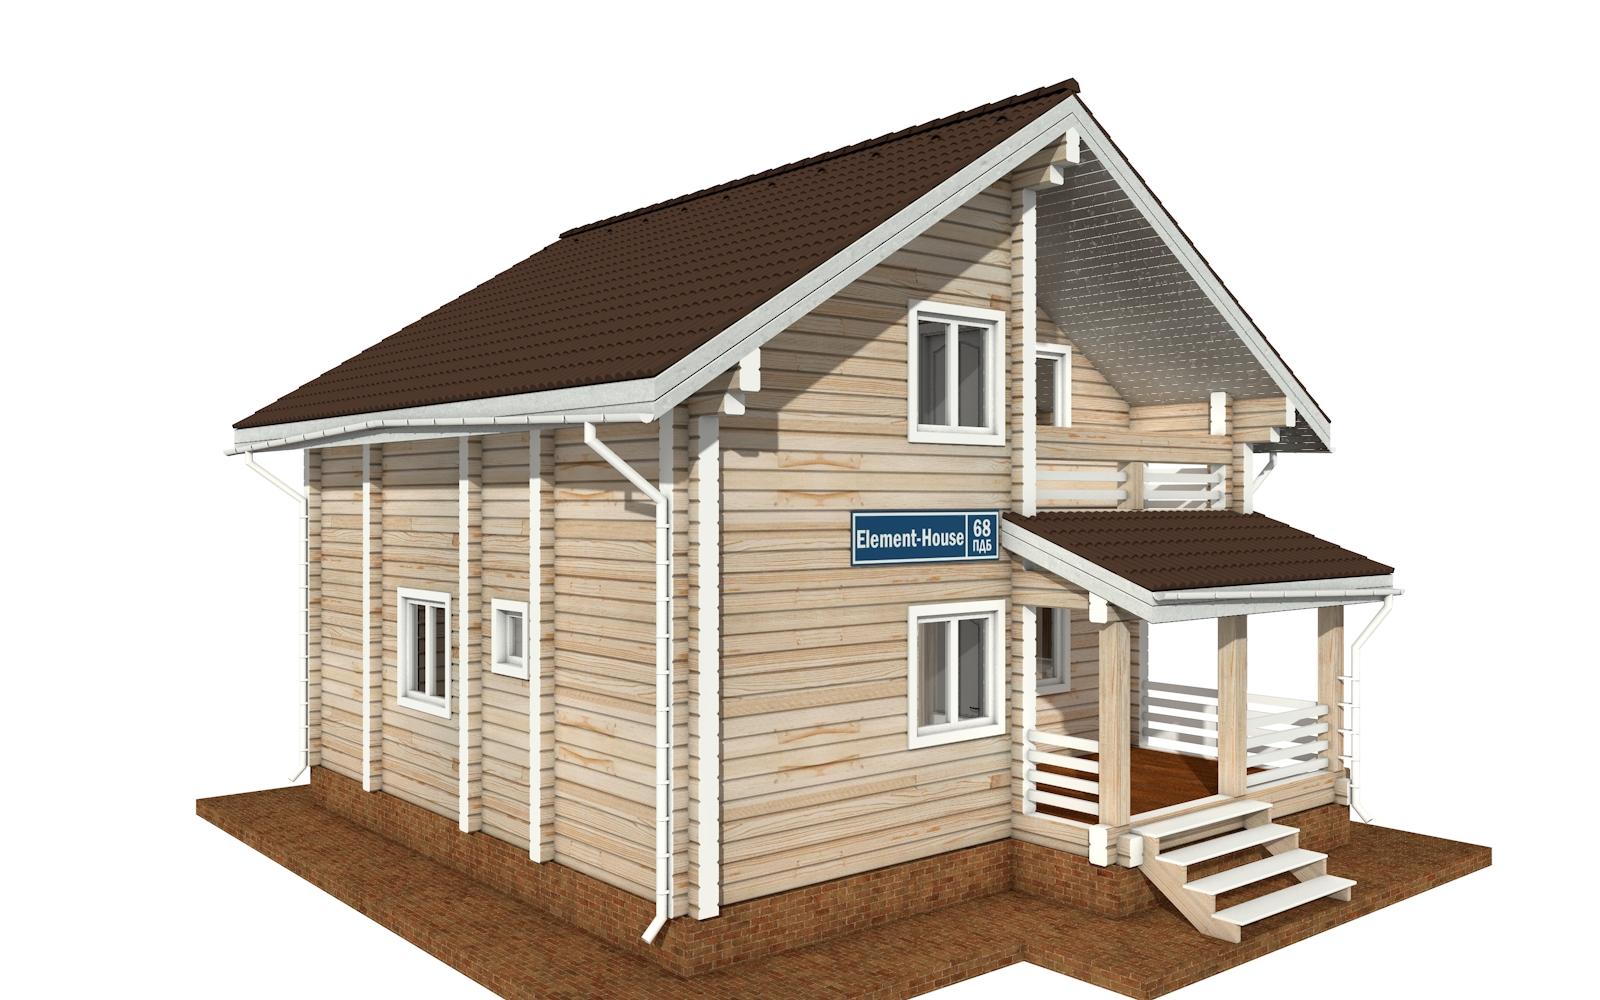 ПДБ-68 - деревянный дом из клееного бруса